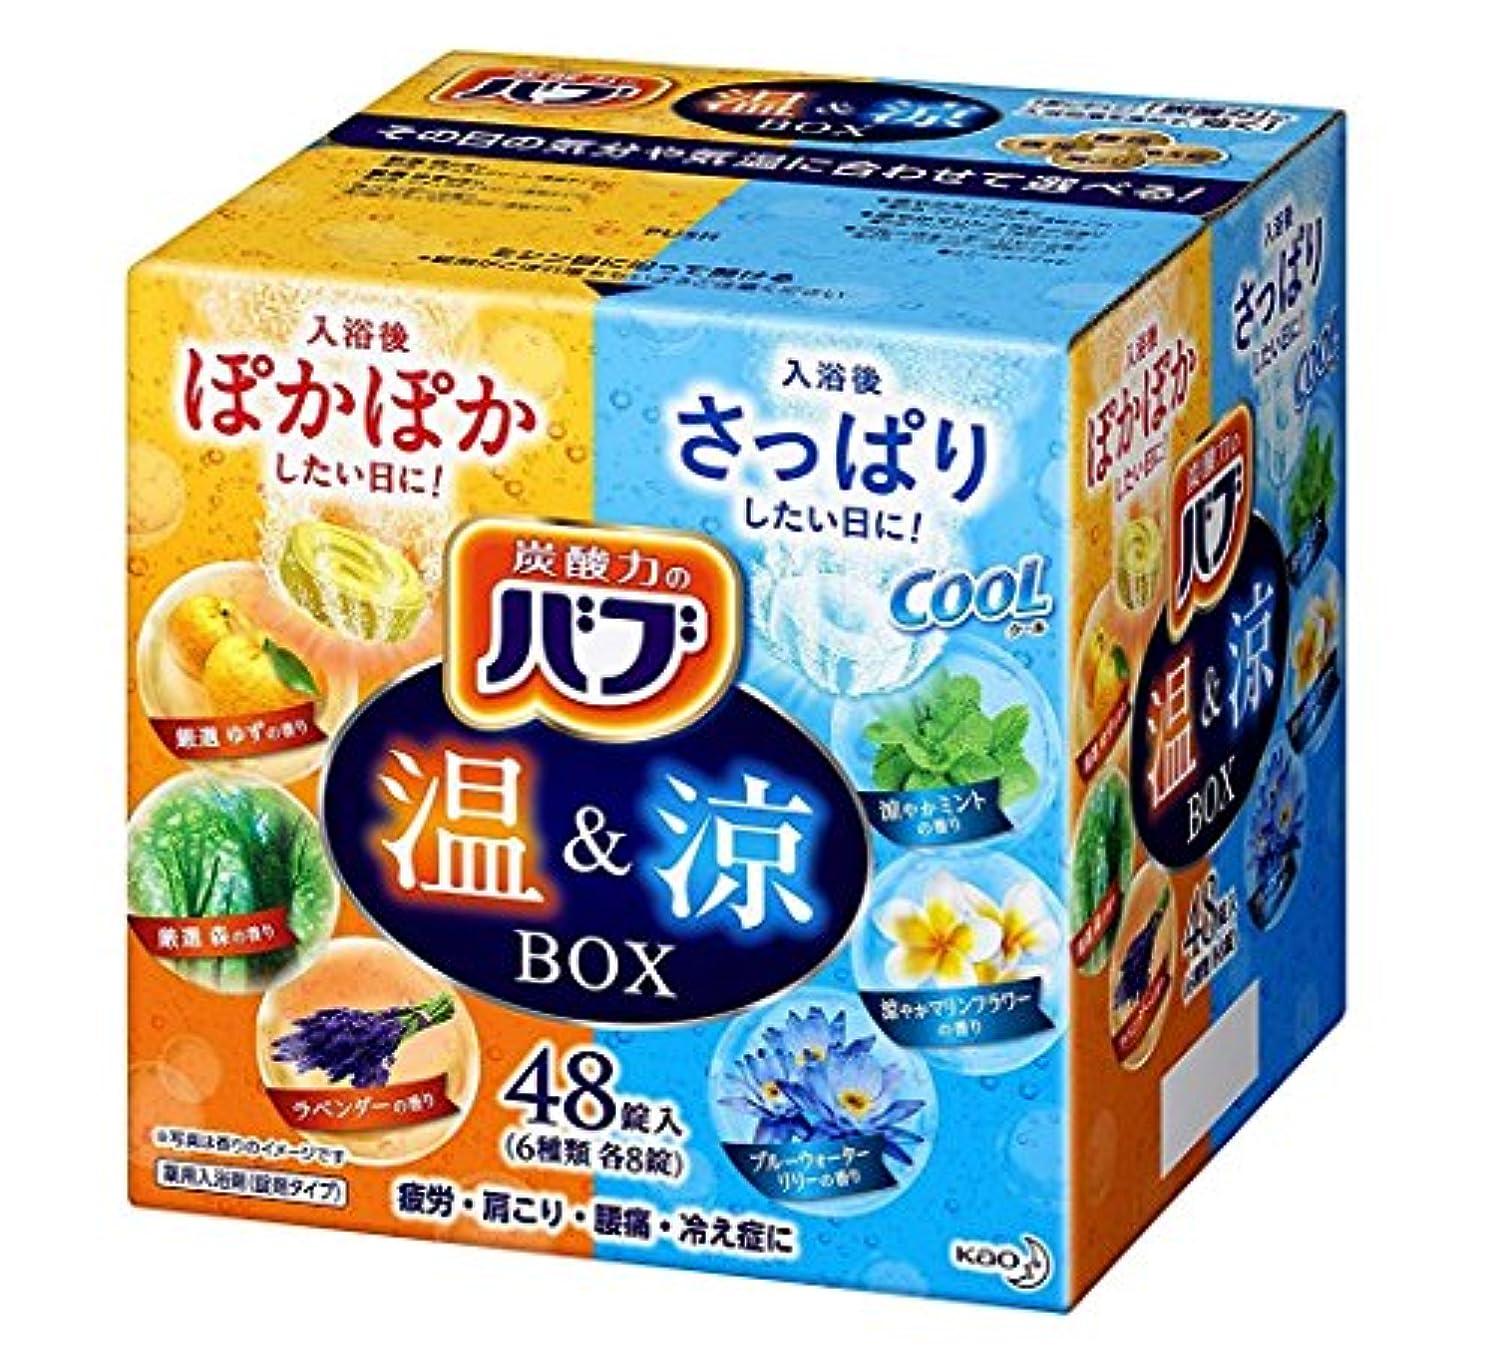 服を洗うまたはどちらか矩形【大容量】バブ 温&涼BOX 48錠 炭酸入浴剤